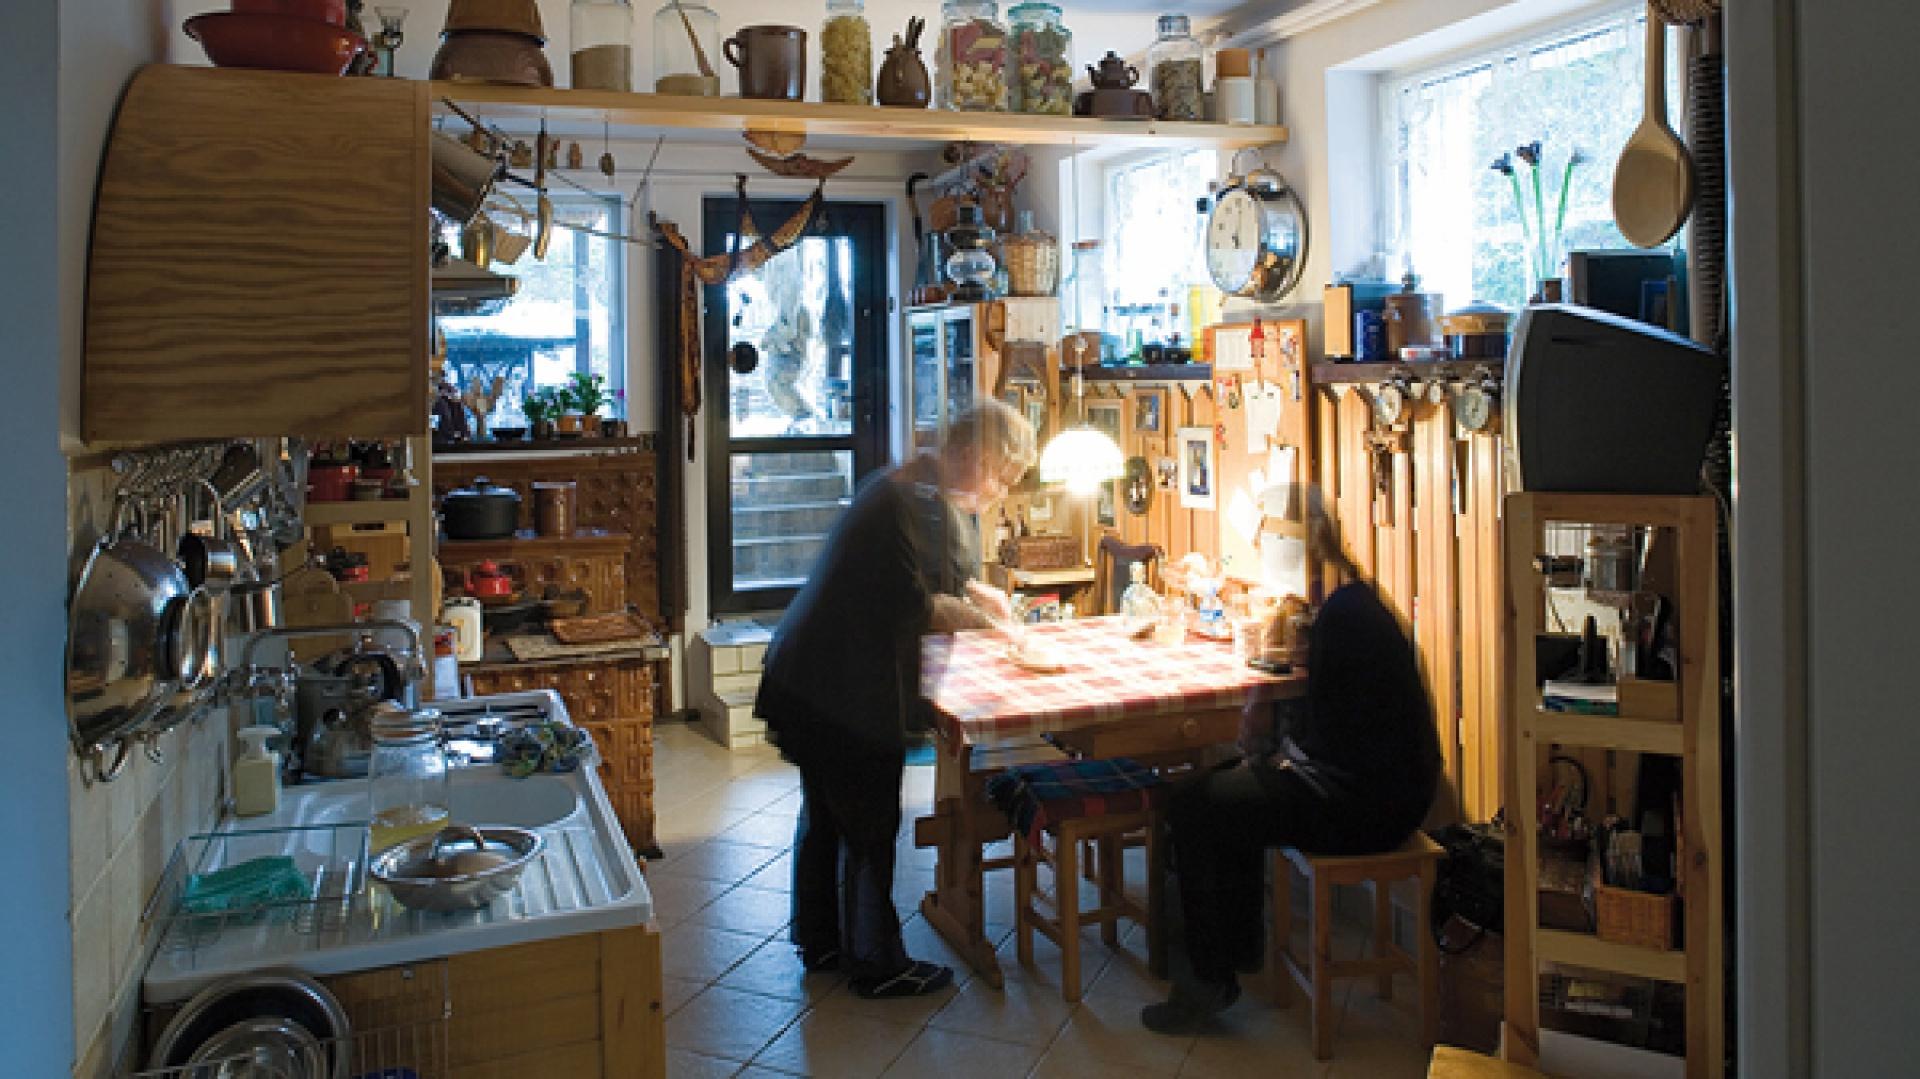 Przytulna kuchnia na dole – gorące serce domu. To w niej toczy się codzienne życie. Tu się gotuje, przyjmuje gości, rozmawia, marzy… Fot. Marcin Onufryjuk.